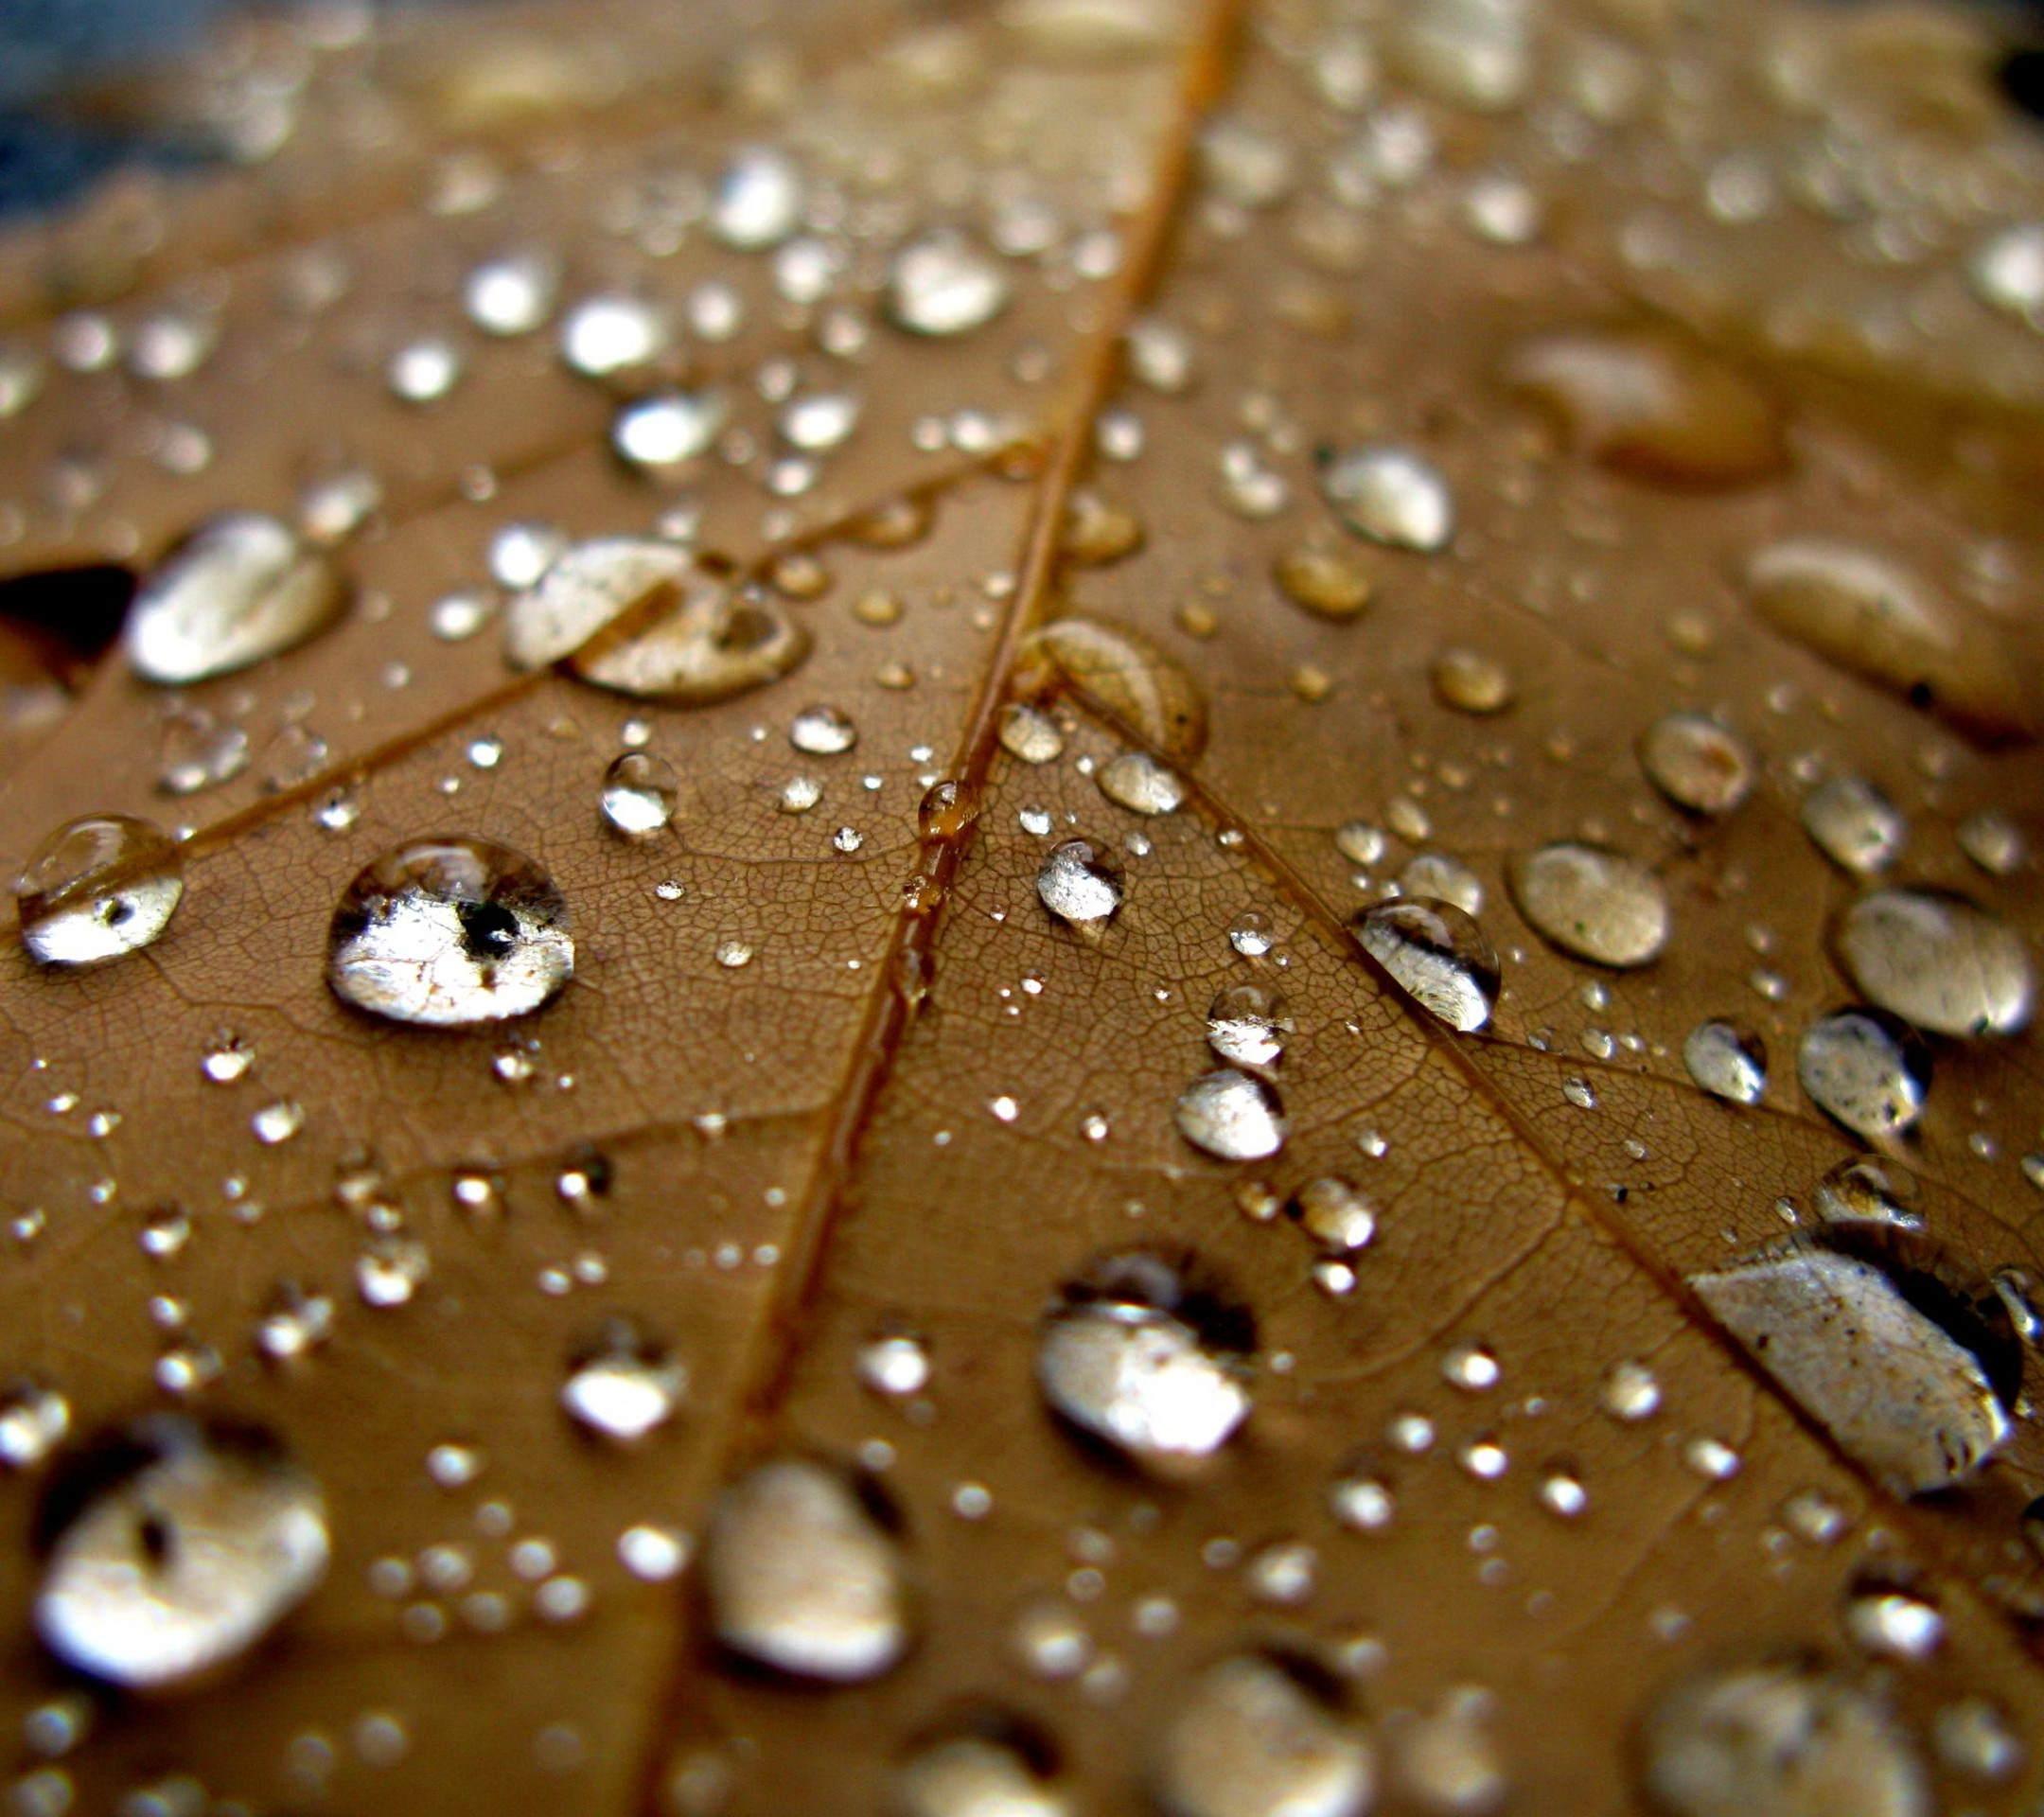 Natural Water Drops Leaf Tea Wallpaper Sc Smartphone